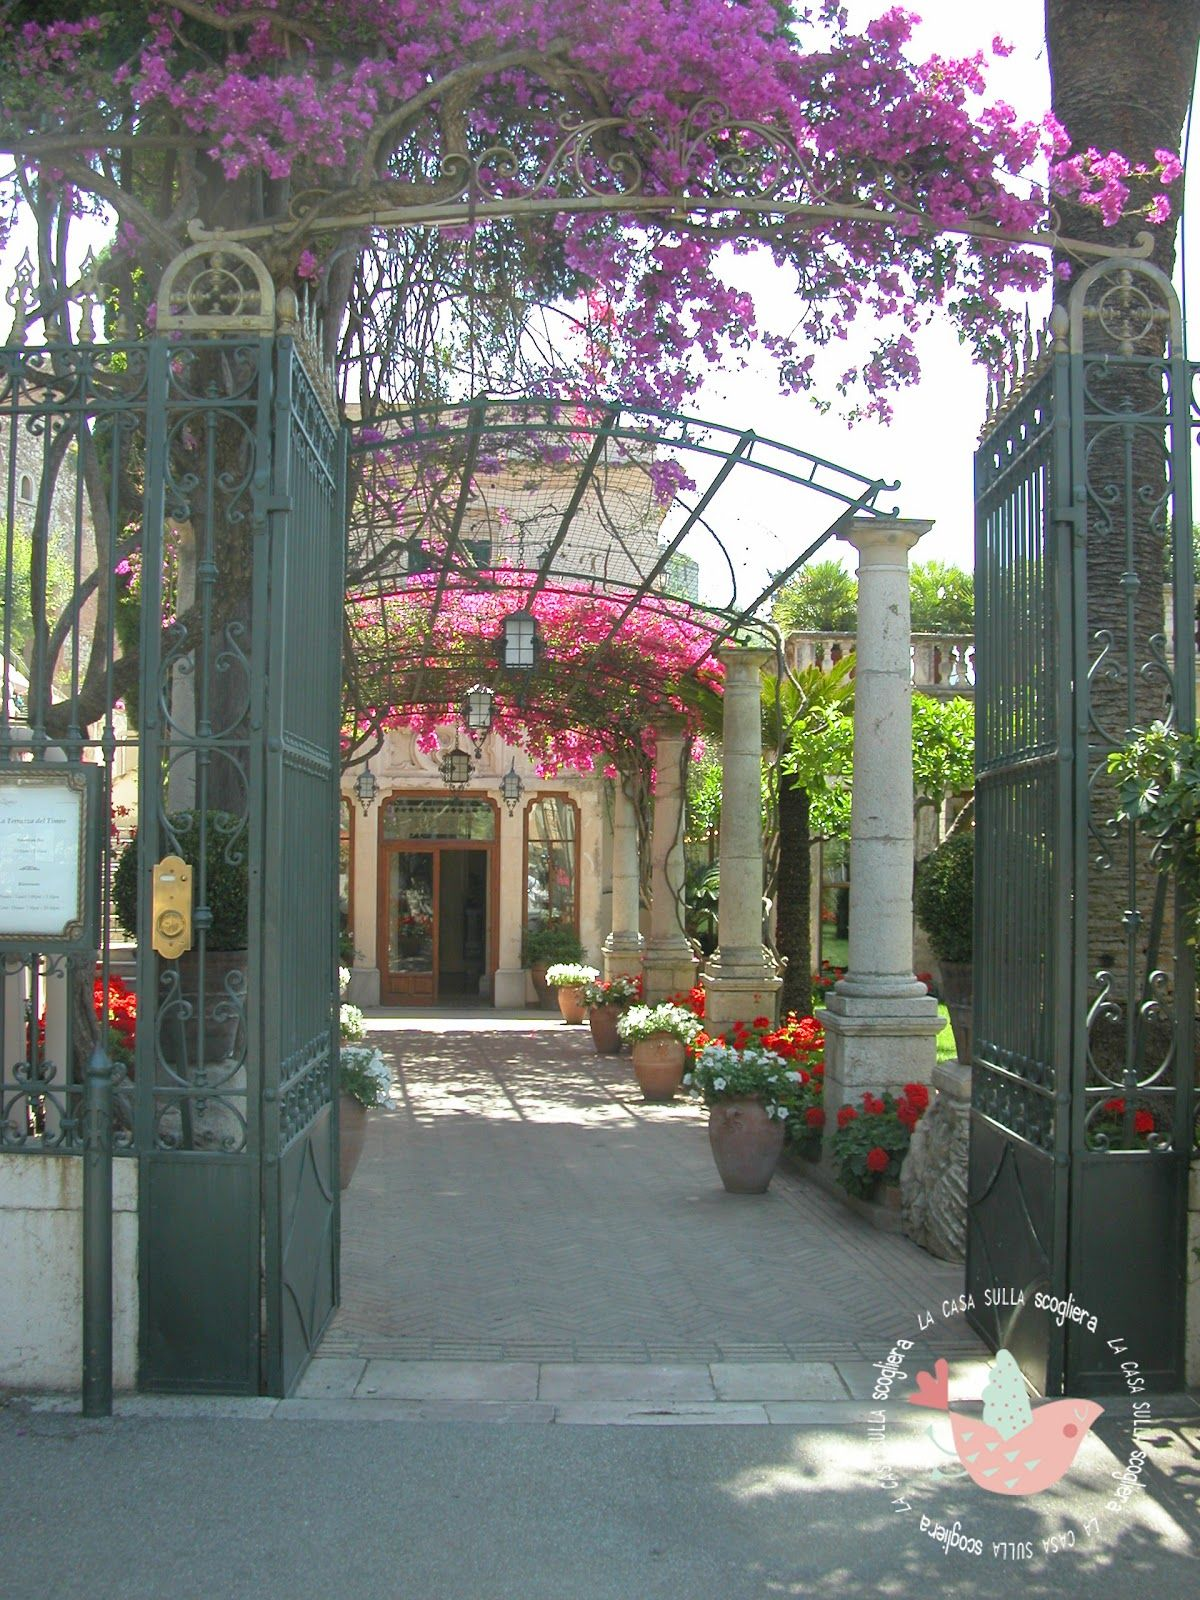 lacasasullaScogliera : Un incantevole week-end a Taormina.